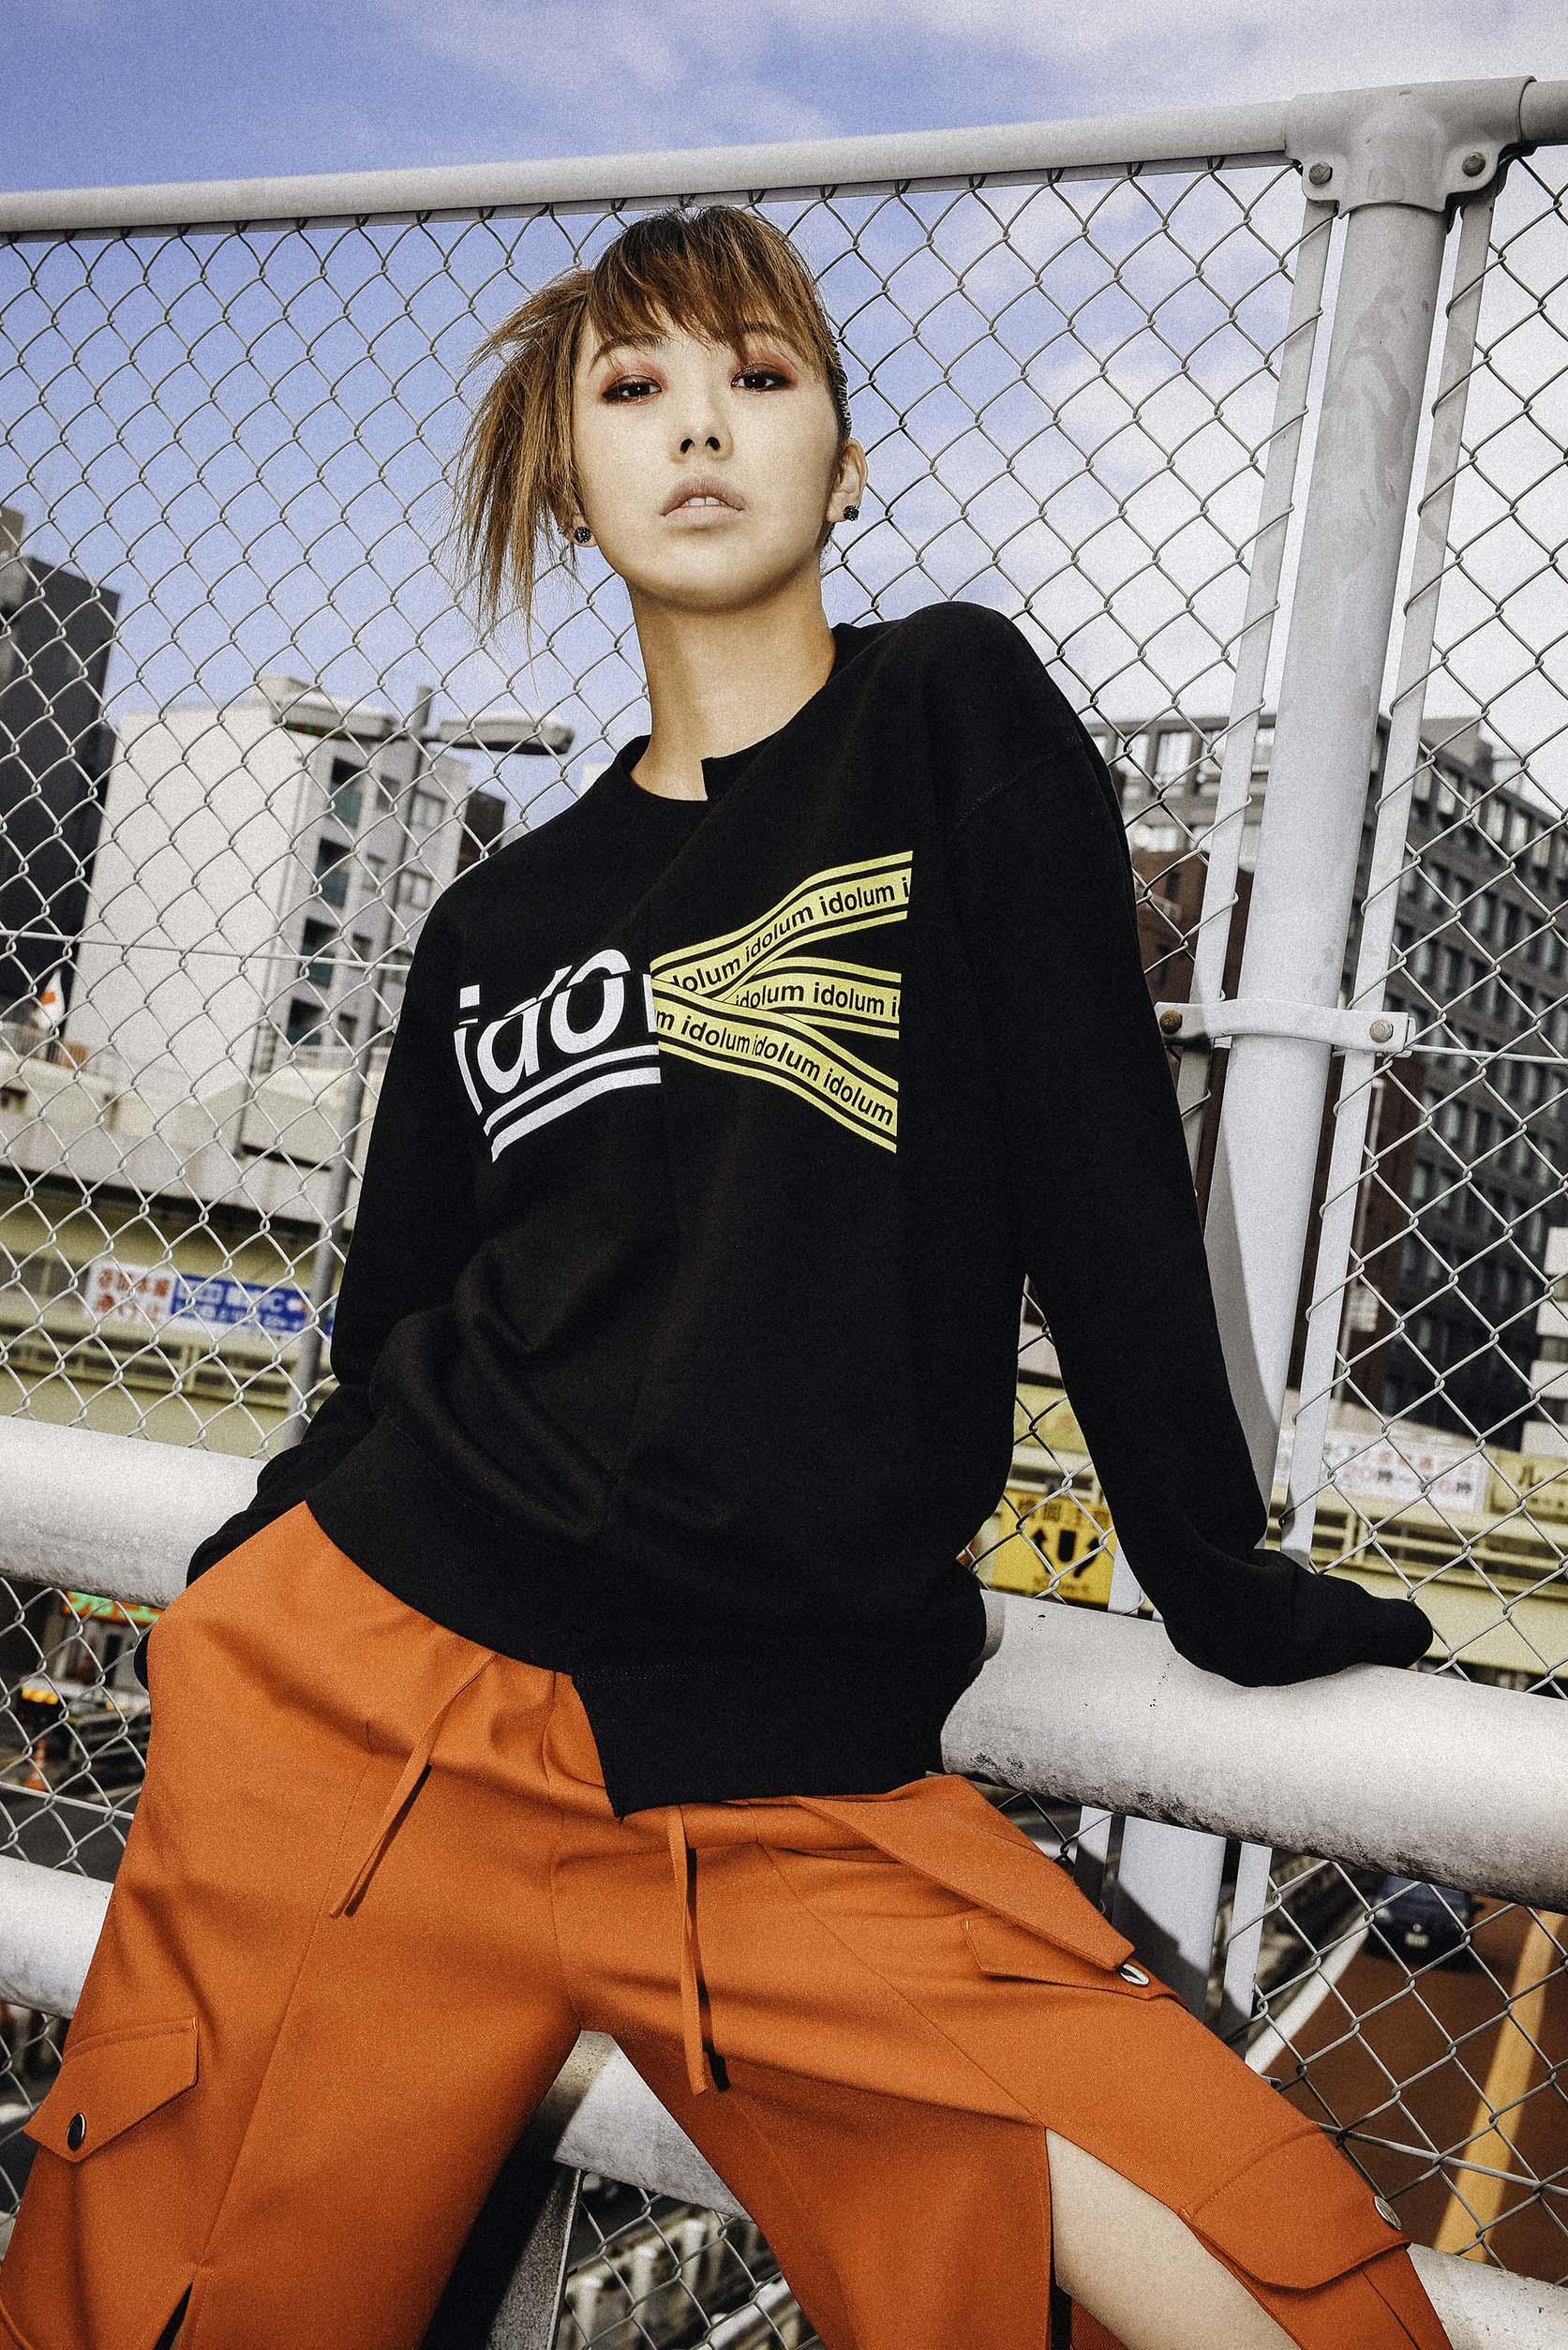 中川愛理沙のファッション写真